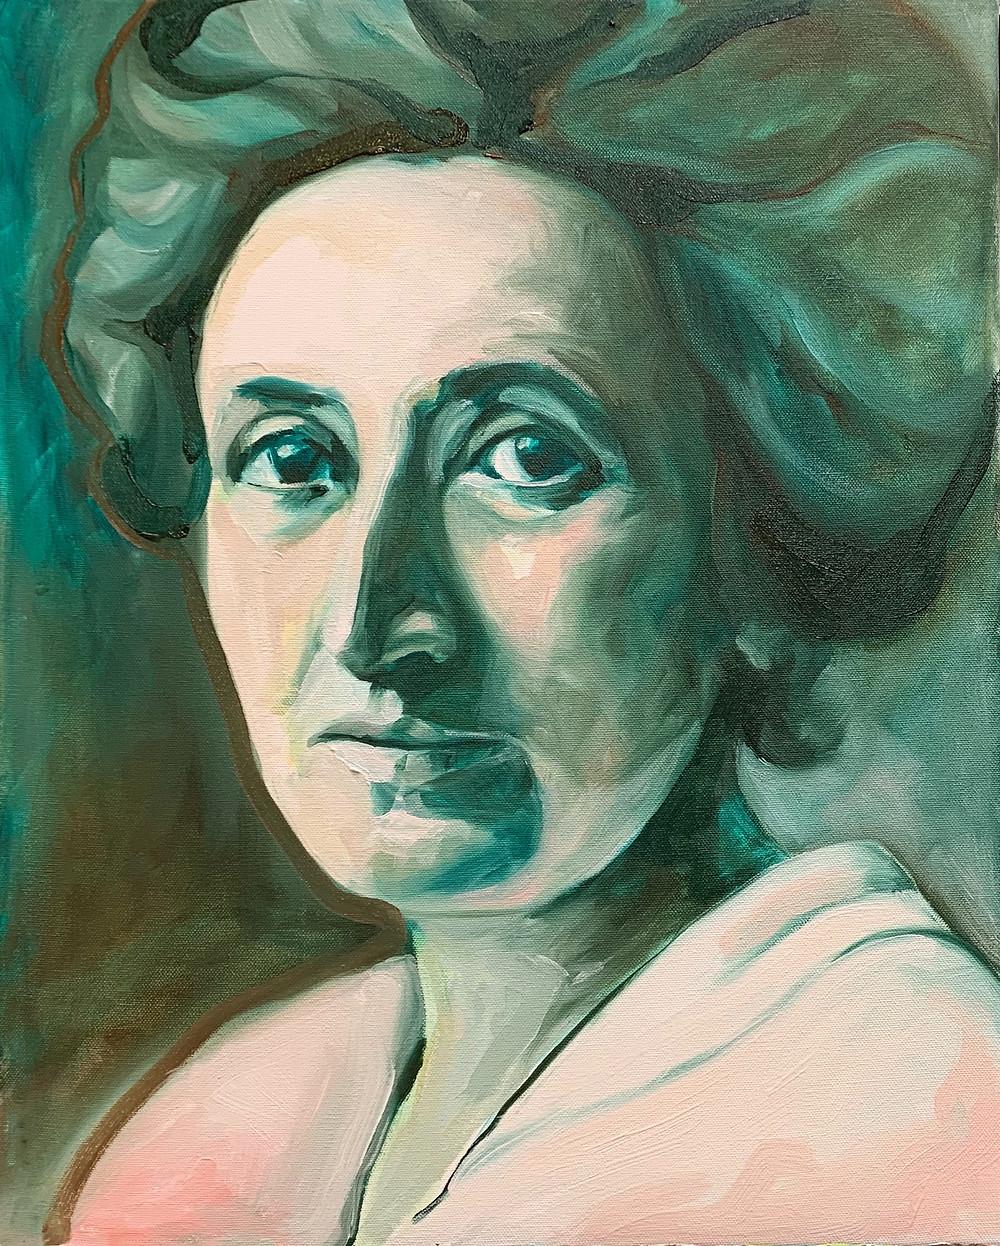 Portret van ROSA LUXEMBURG, filosoof, politiek denker/ activist. 1871-1919